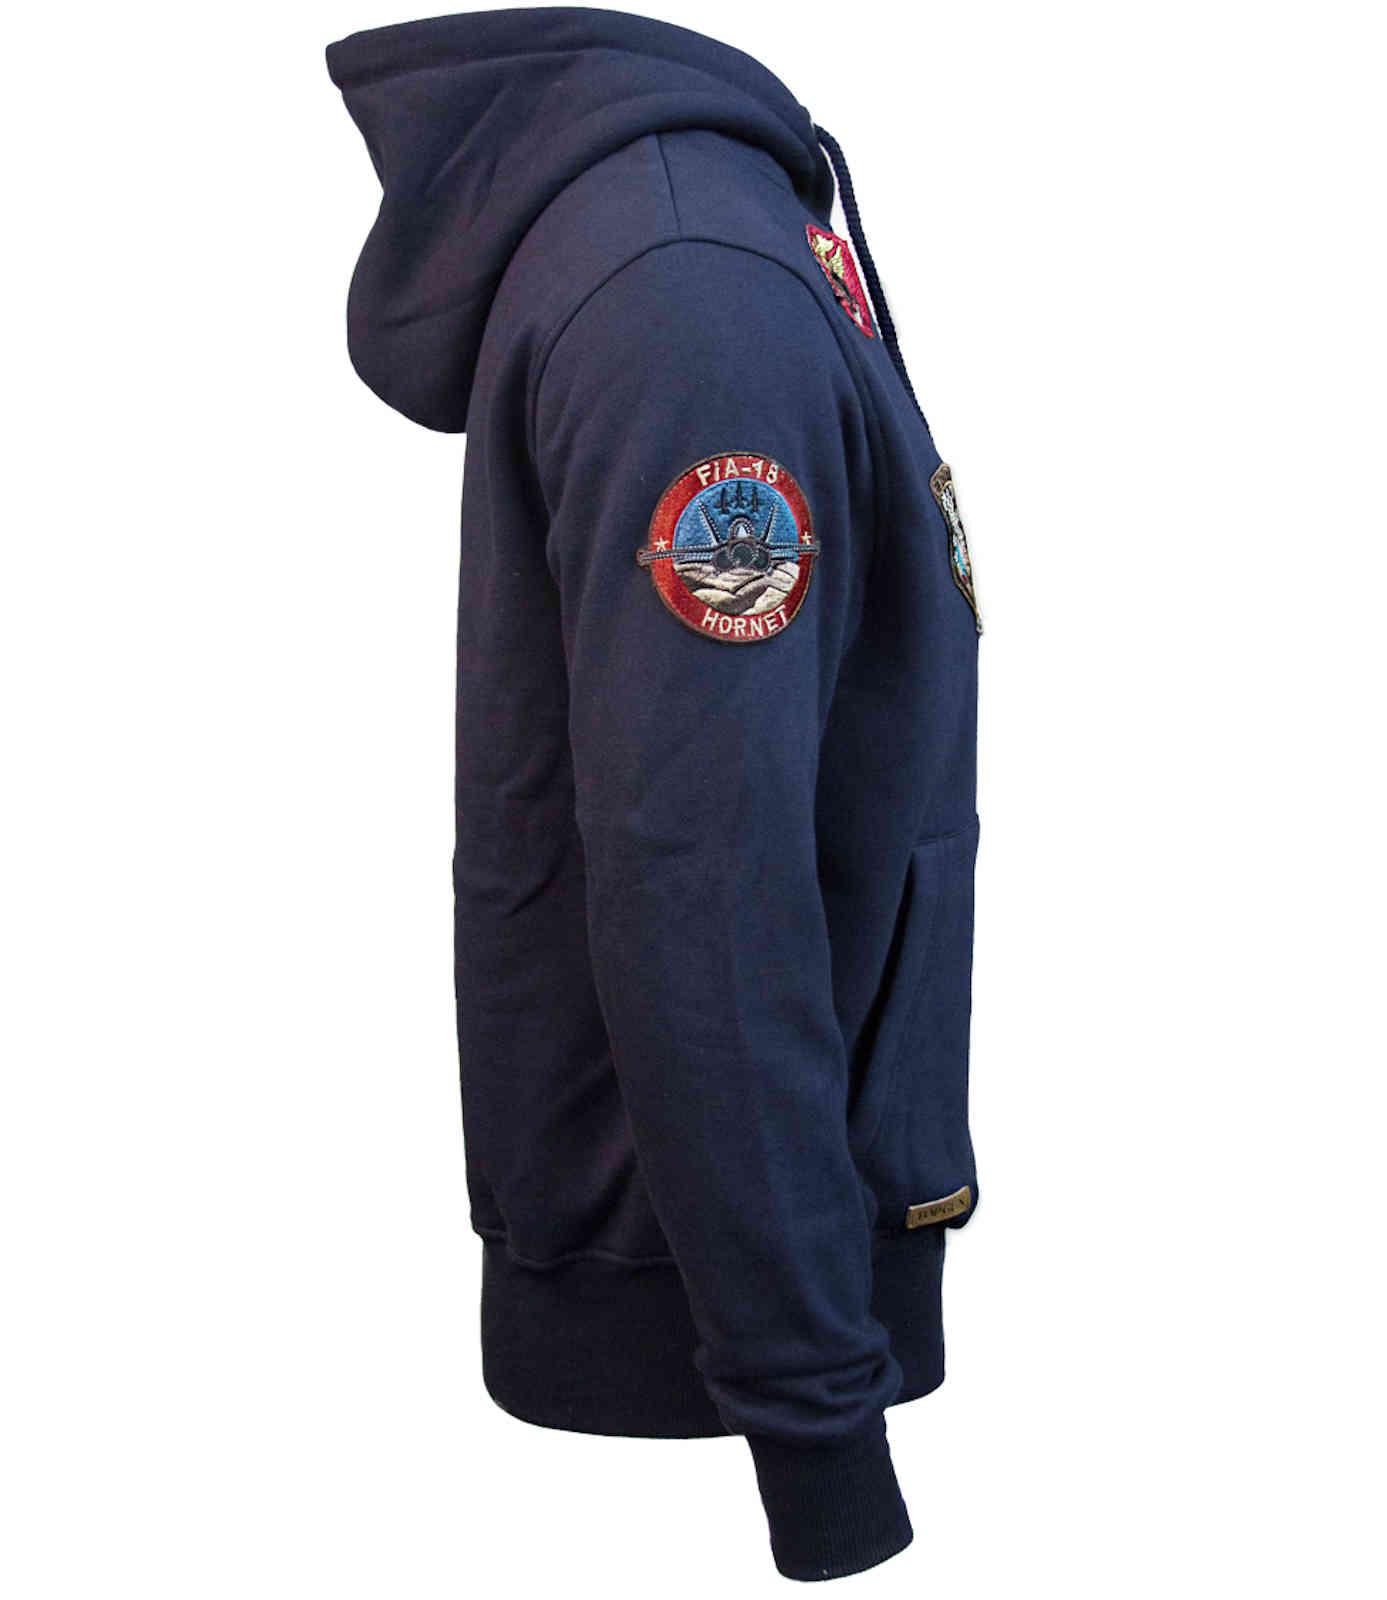 Top Gun Herren Zip Hoodie mit Reissverschluss Sweatjacket TGD 1707 Operation